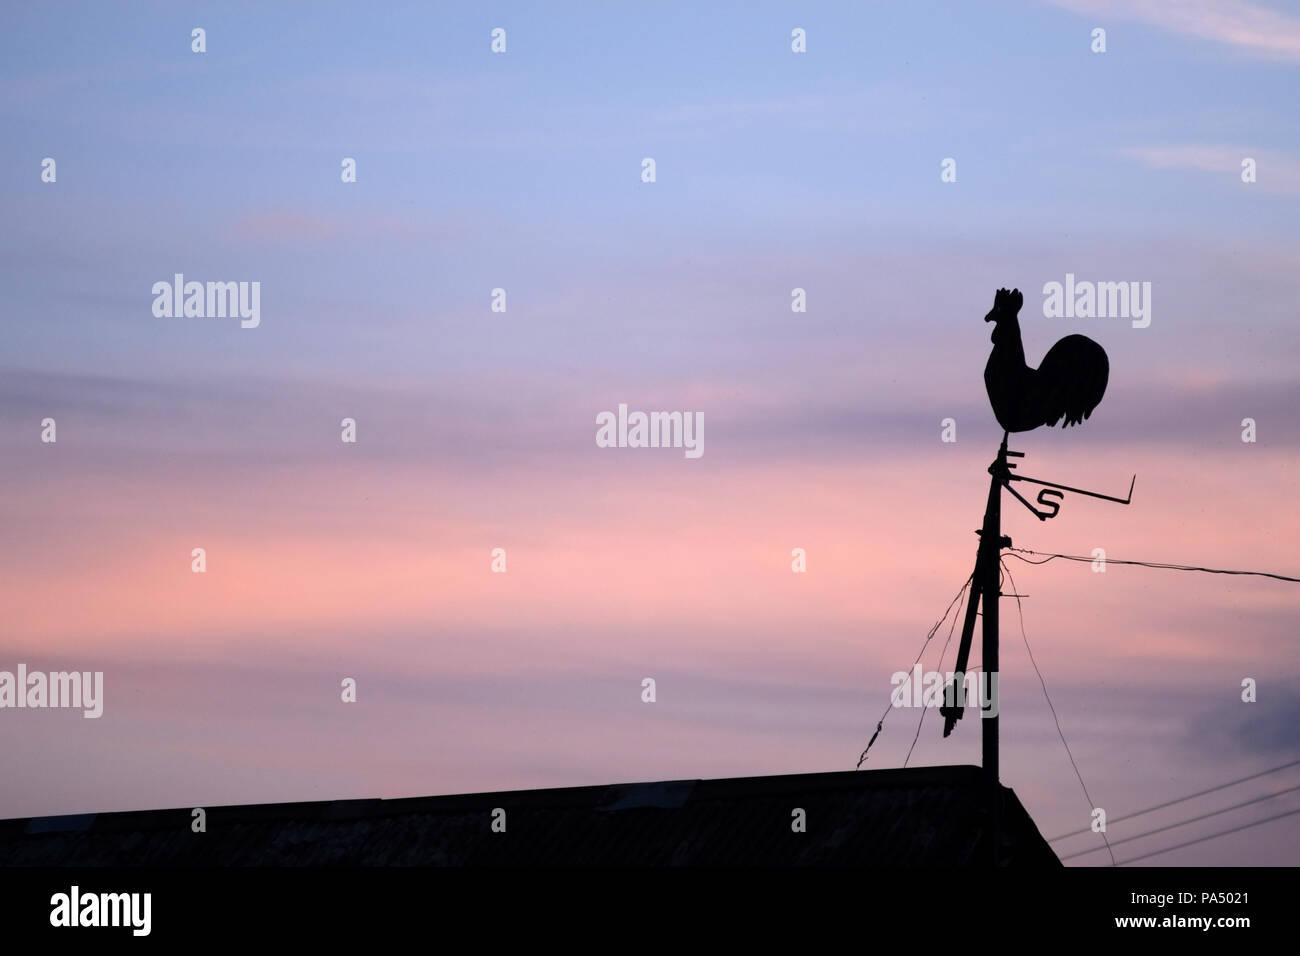 Old cockerel weather vane at sunset. - Stock Image